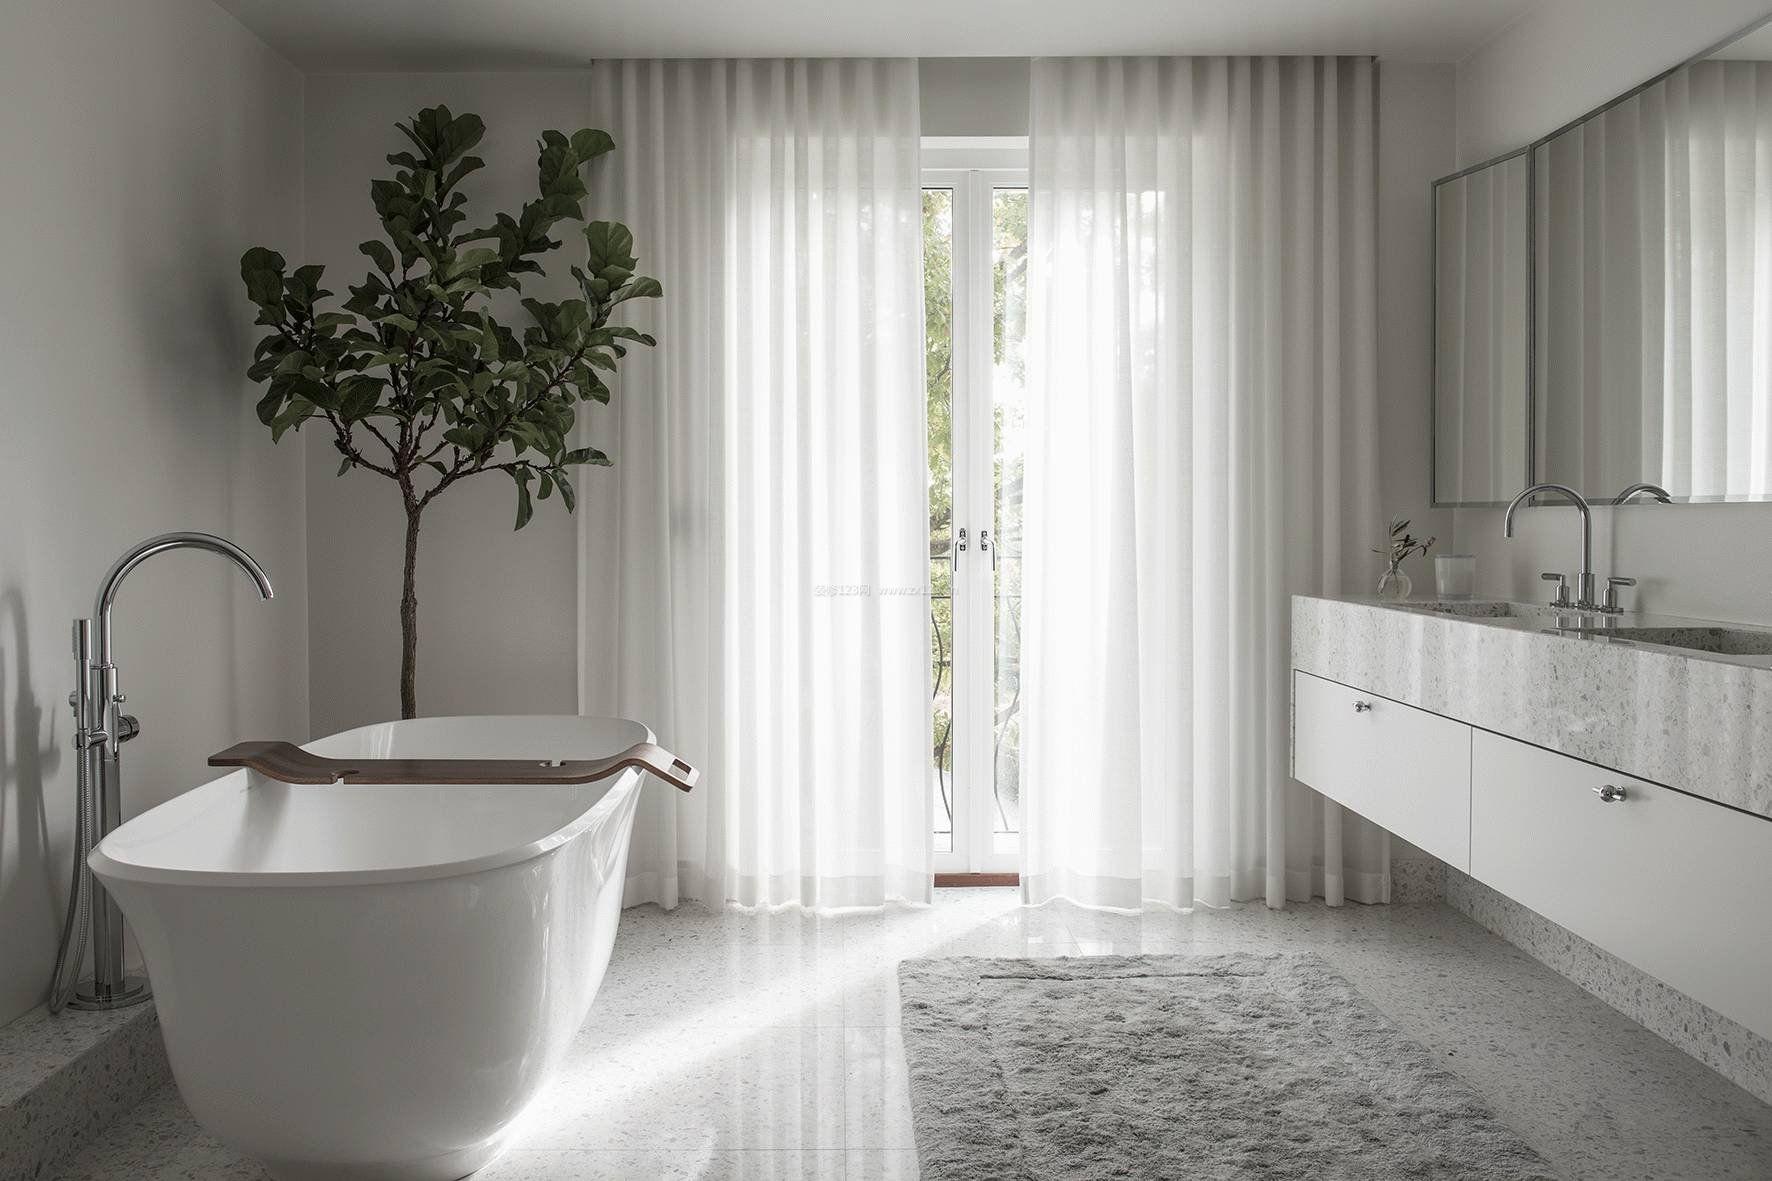 温馨浴室装修效果图